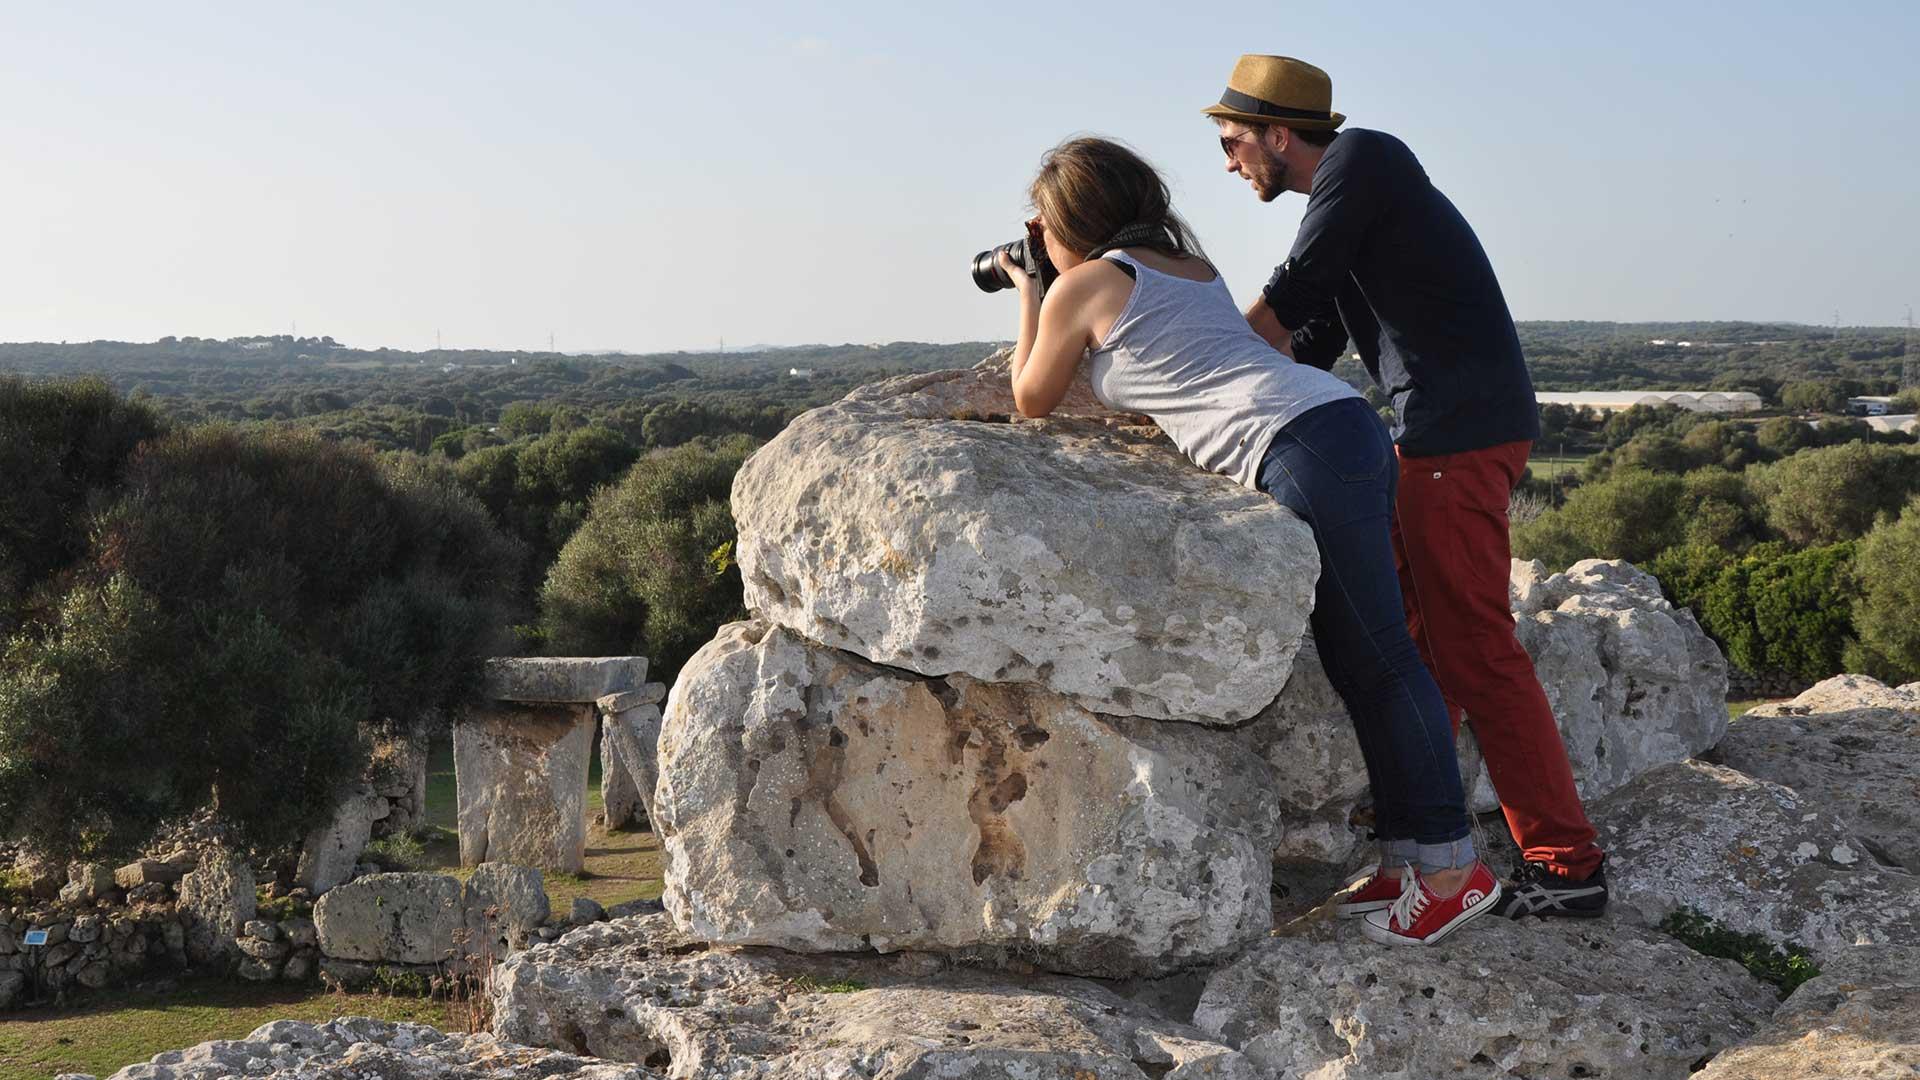 Pareja fotografiando un yacimiento arqueológico de Menorca.